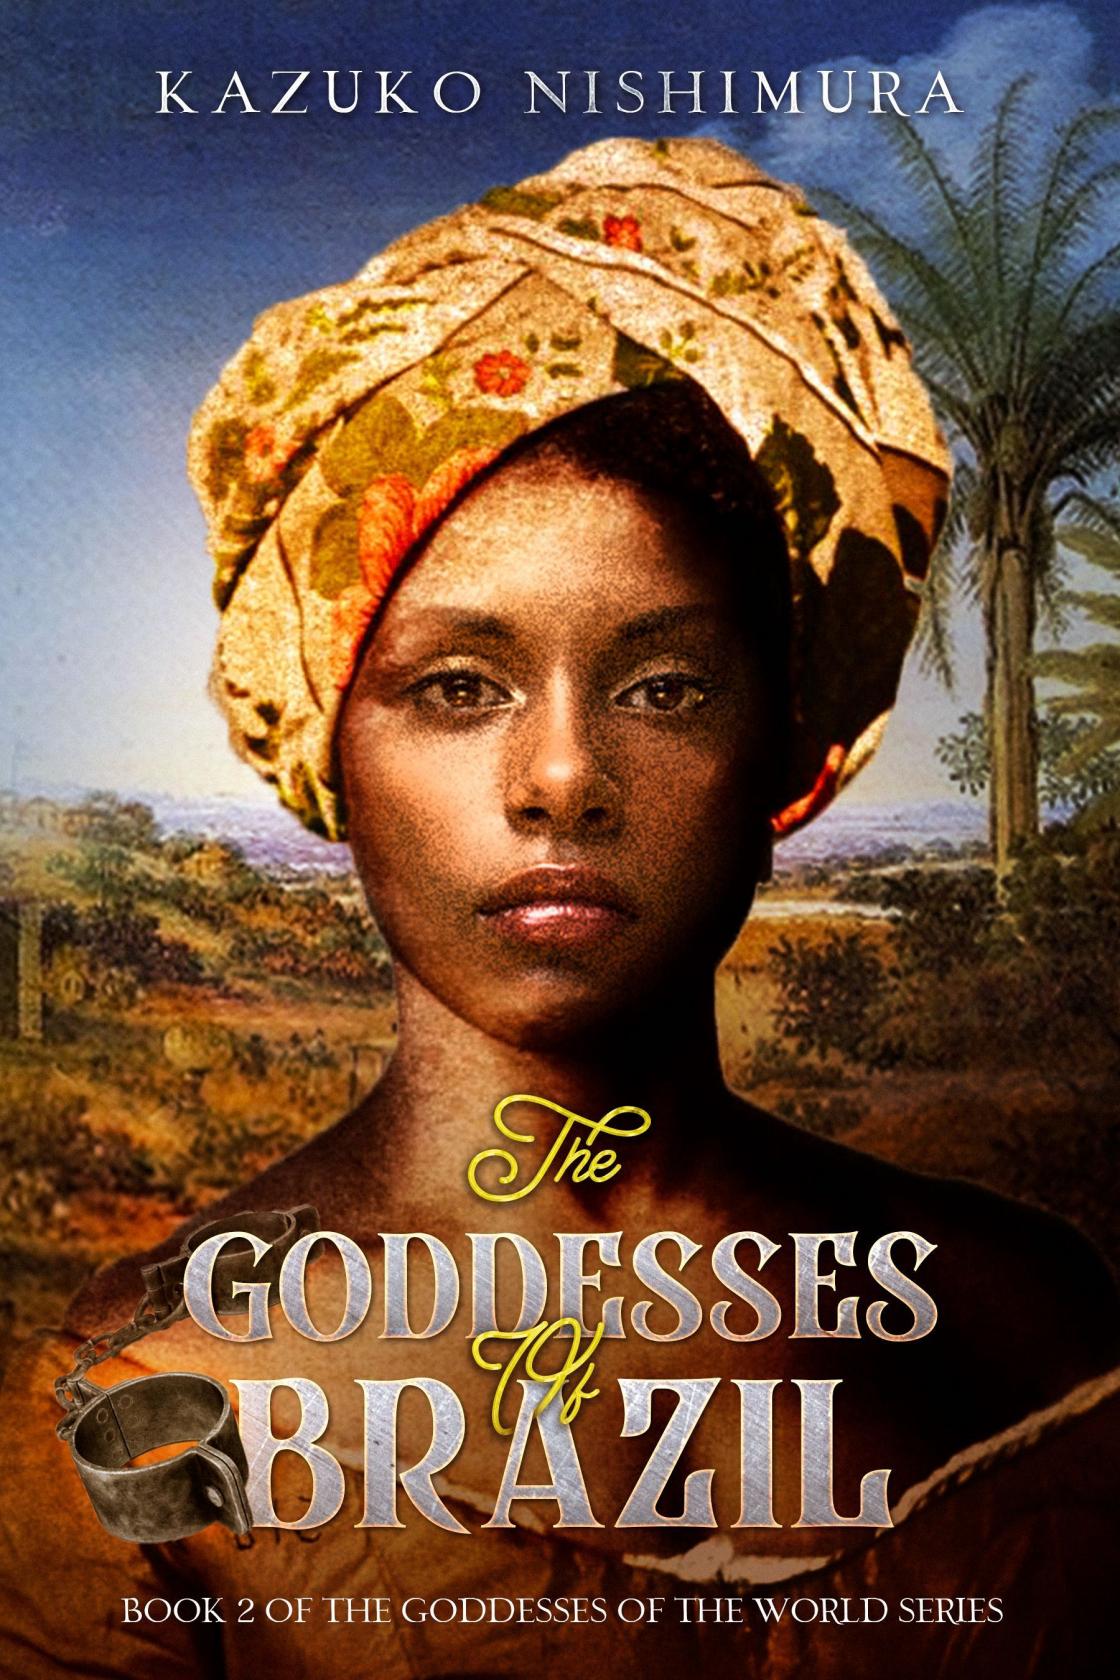 The Goddesses of Brazil cover